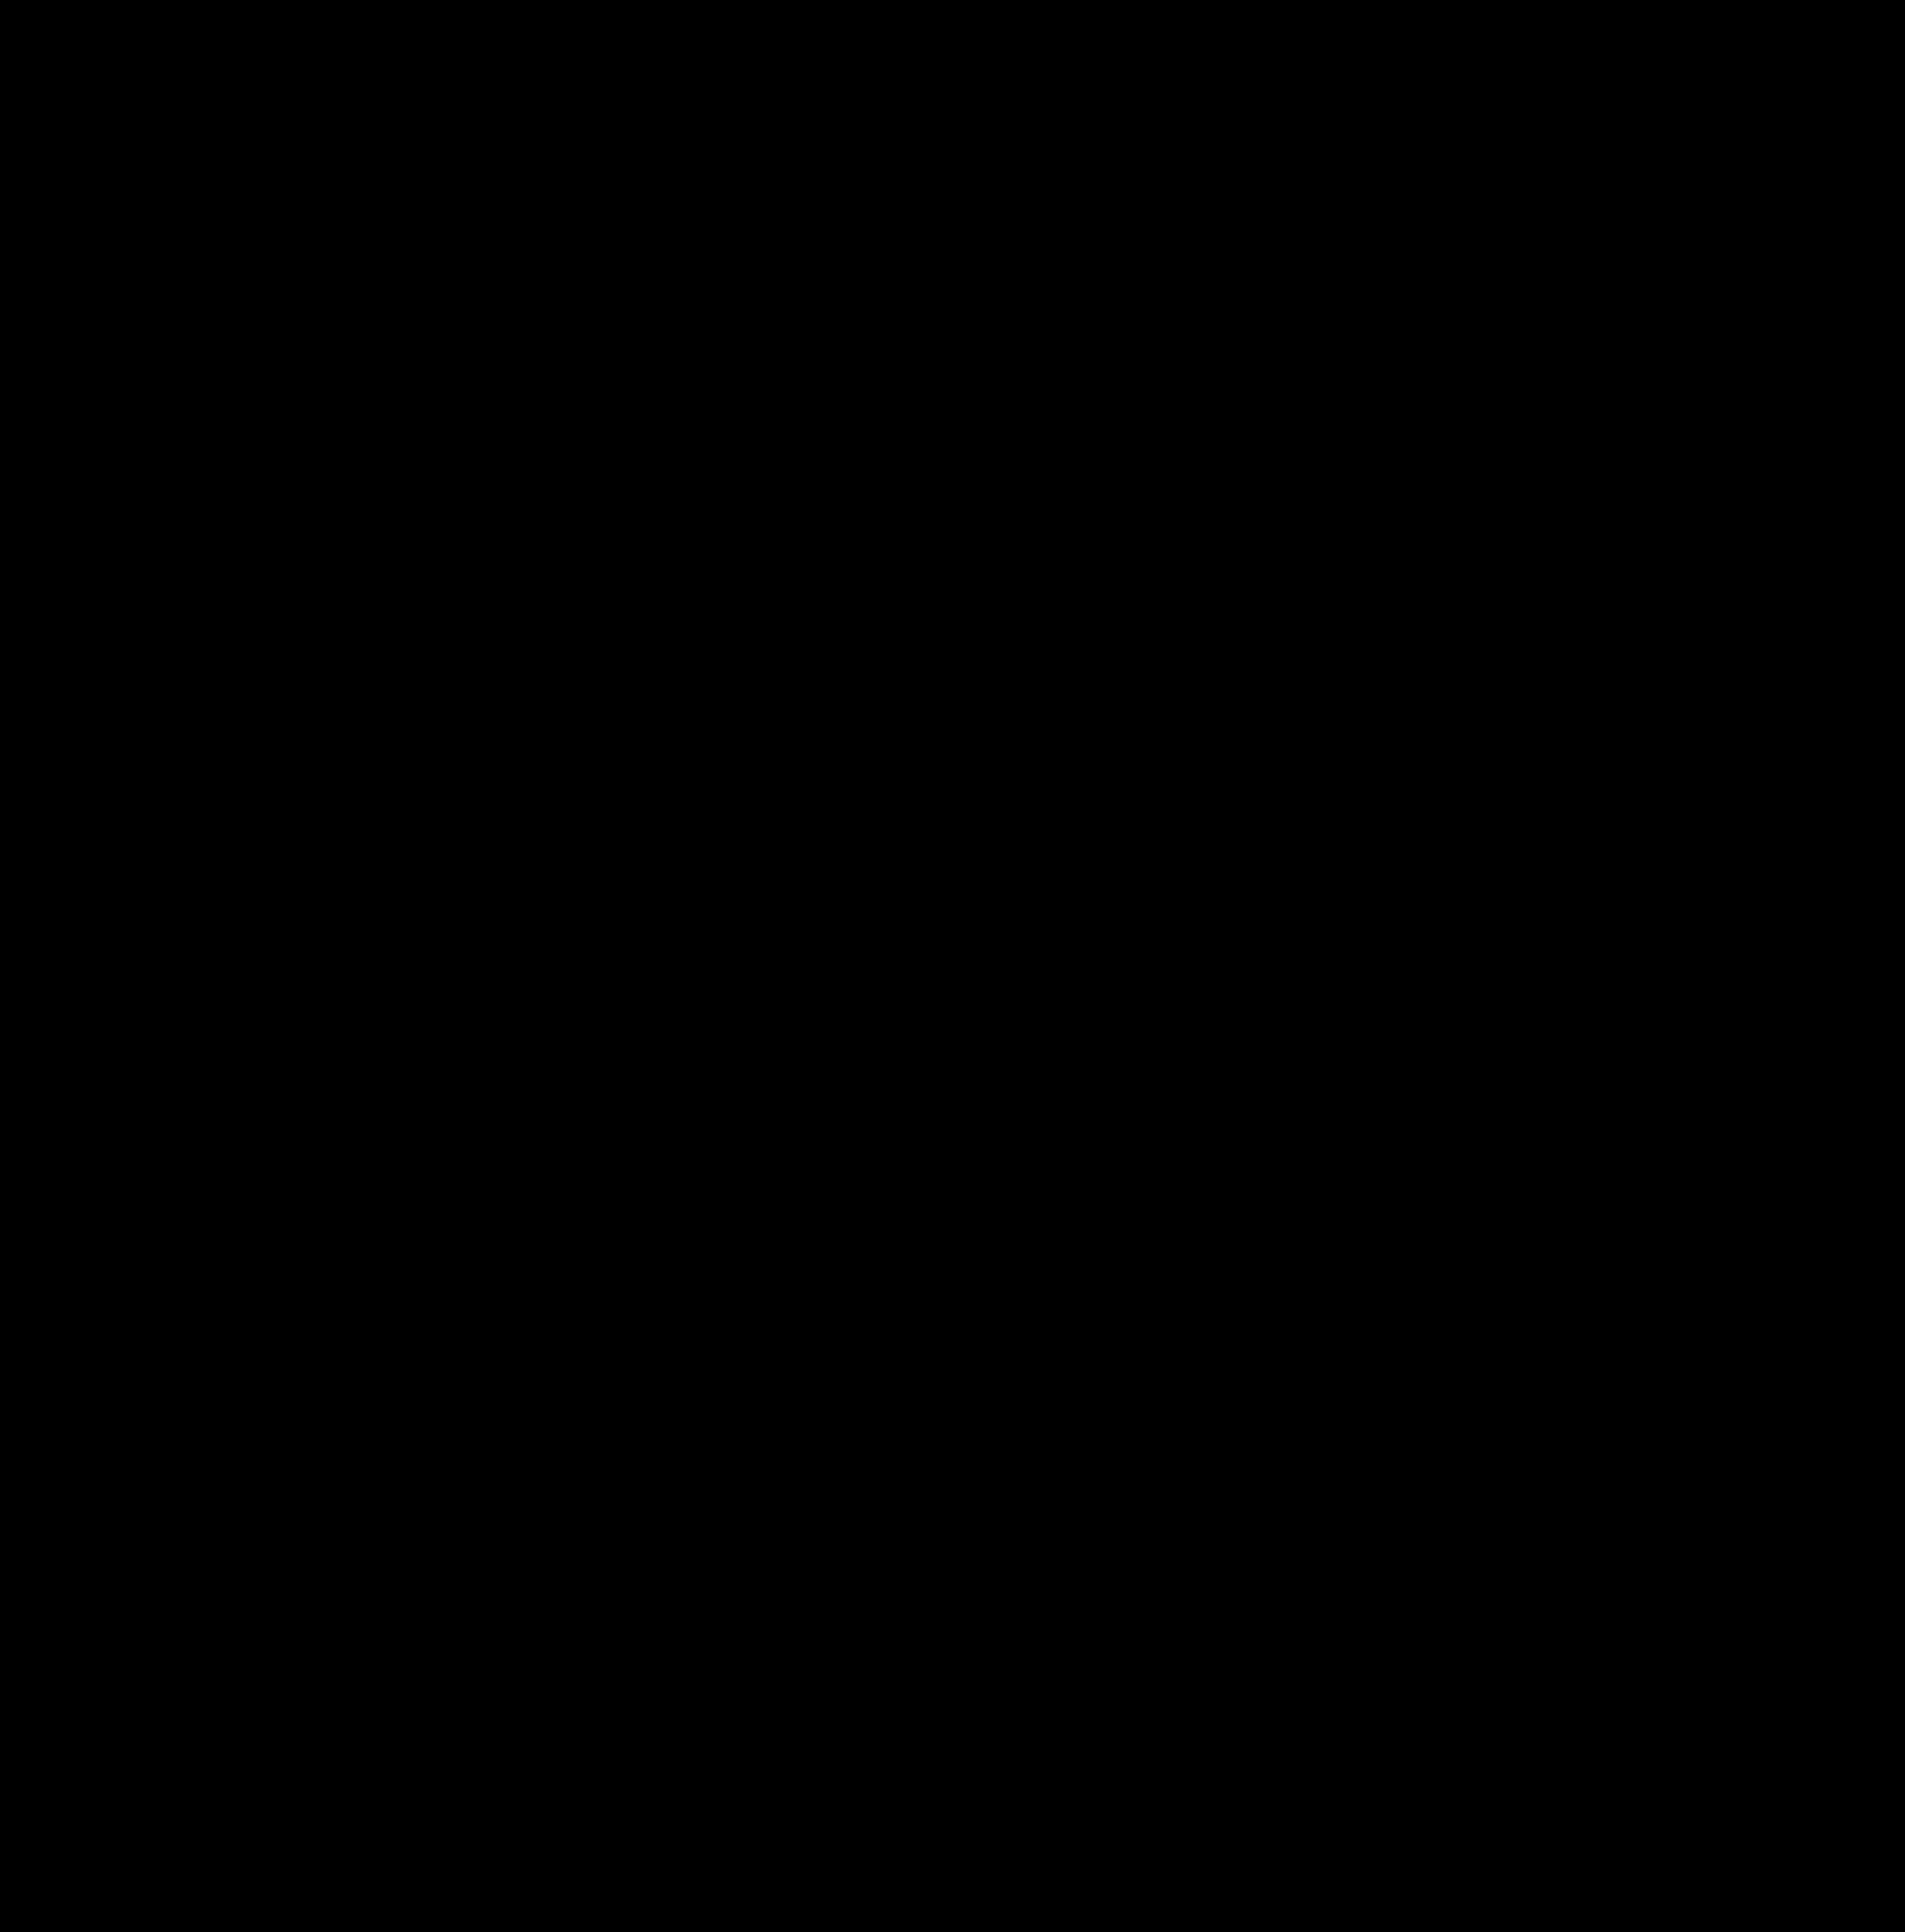 fd9d7b2f-702a-40bf-b862-af45d3d928fc.png